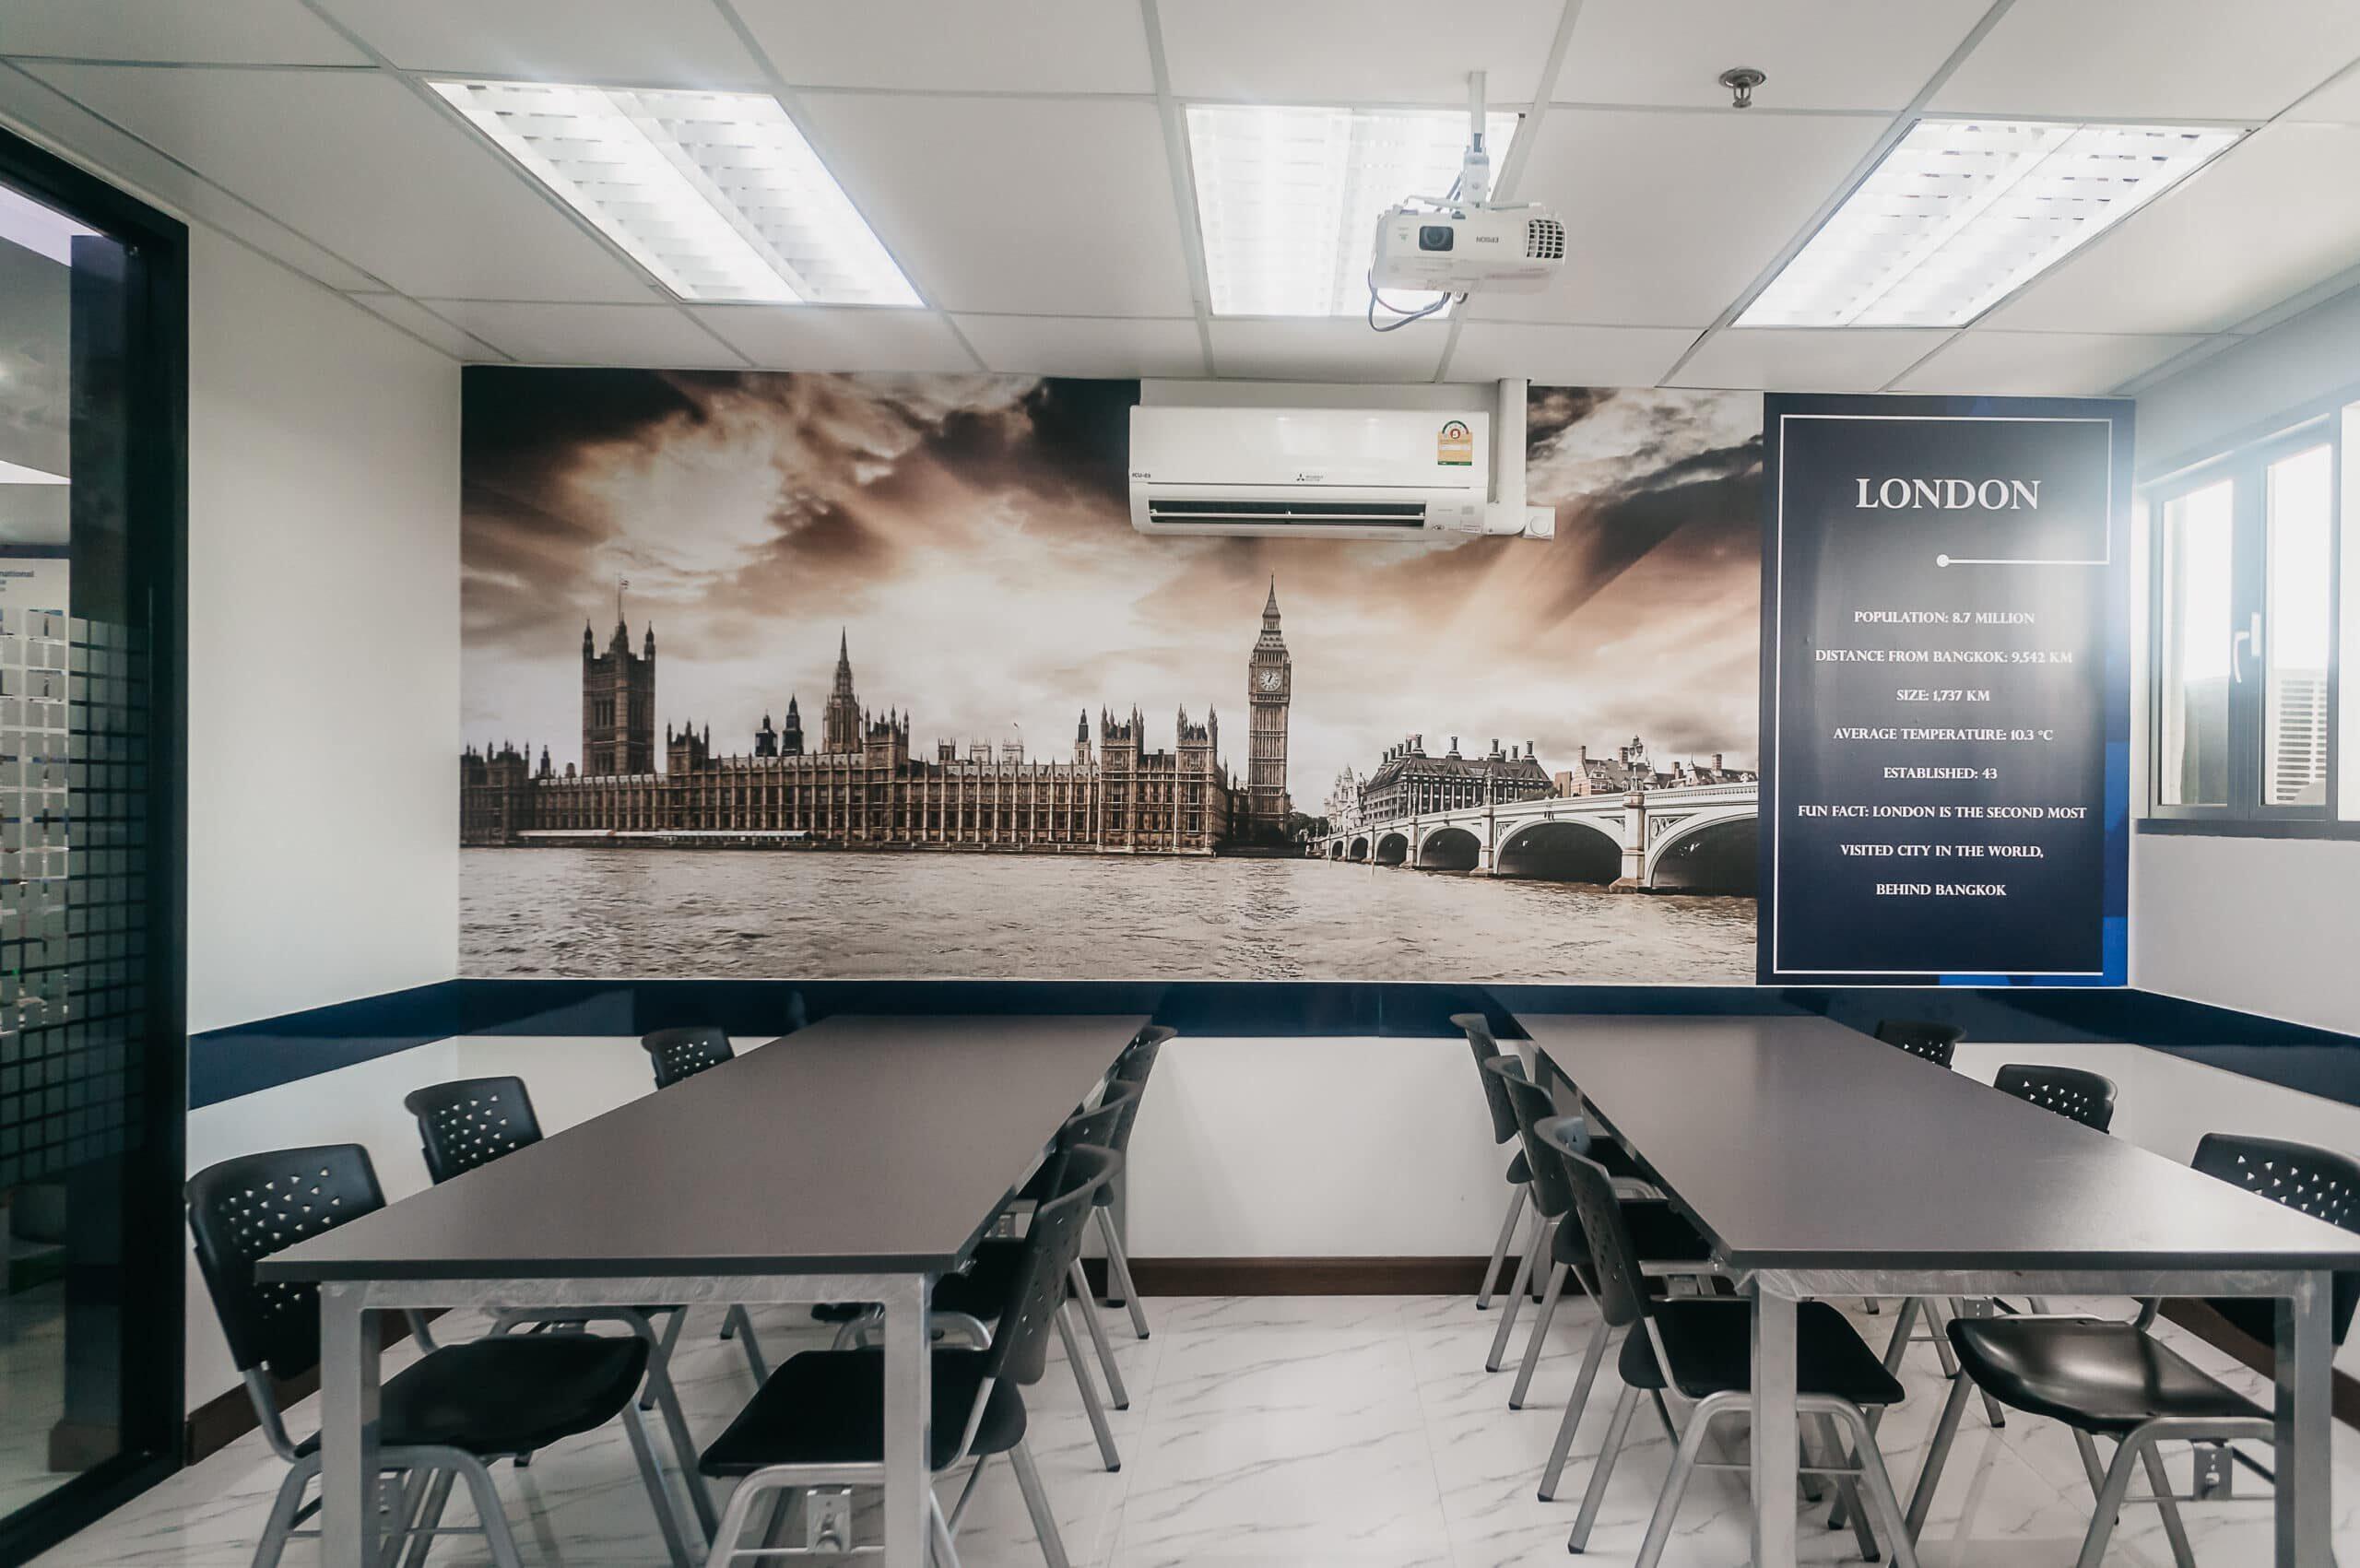 11. London